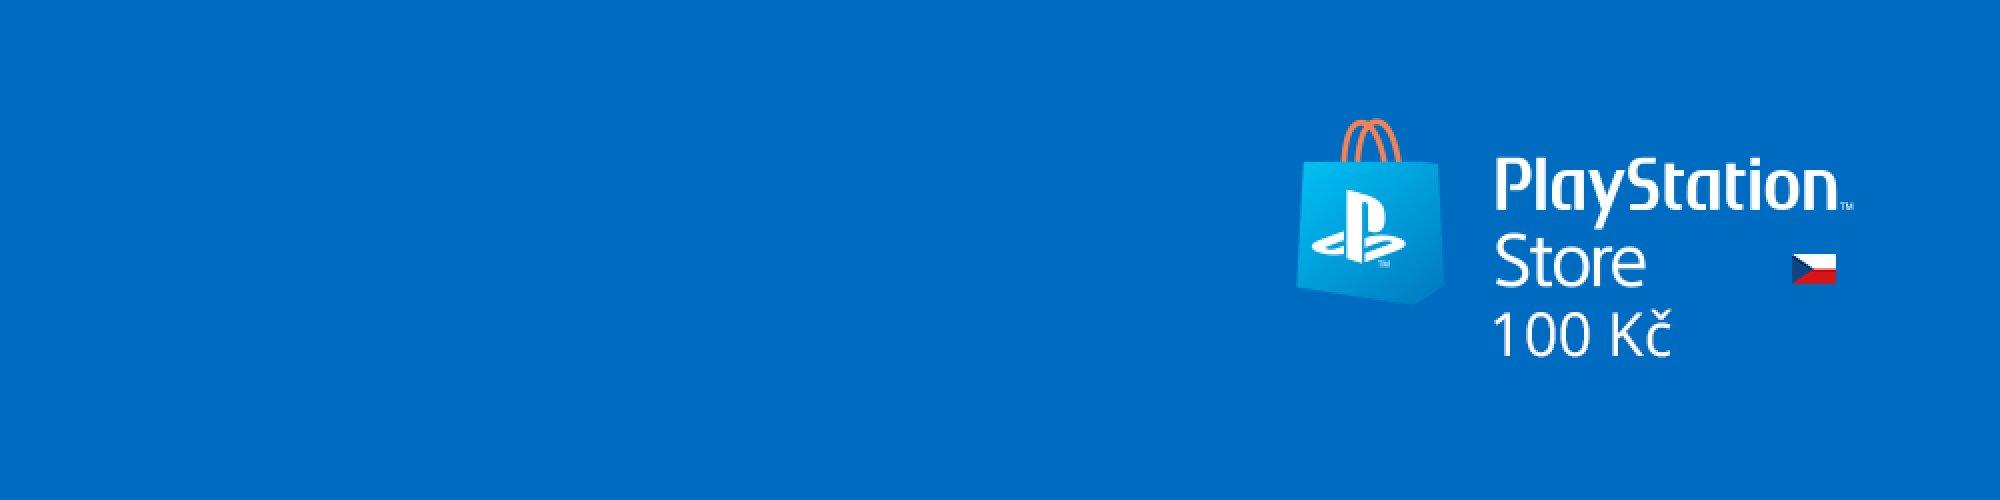 PlayStation Live Cards 100Kč banner